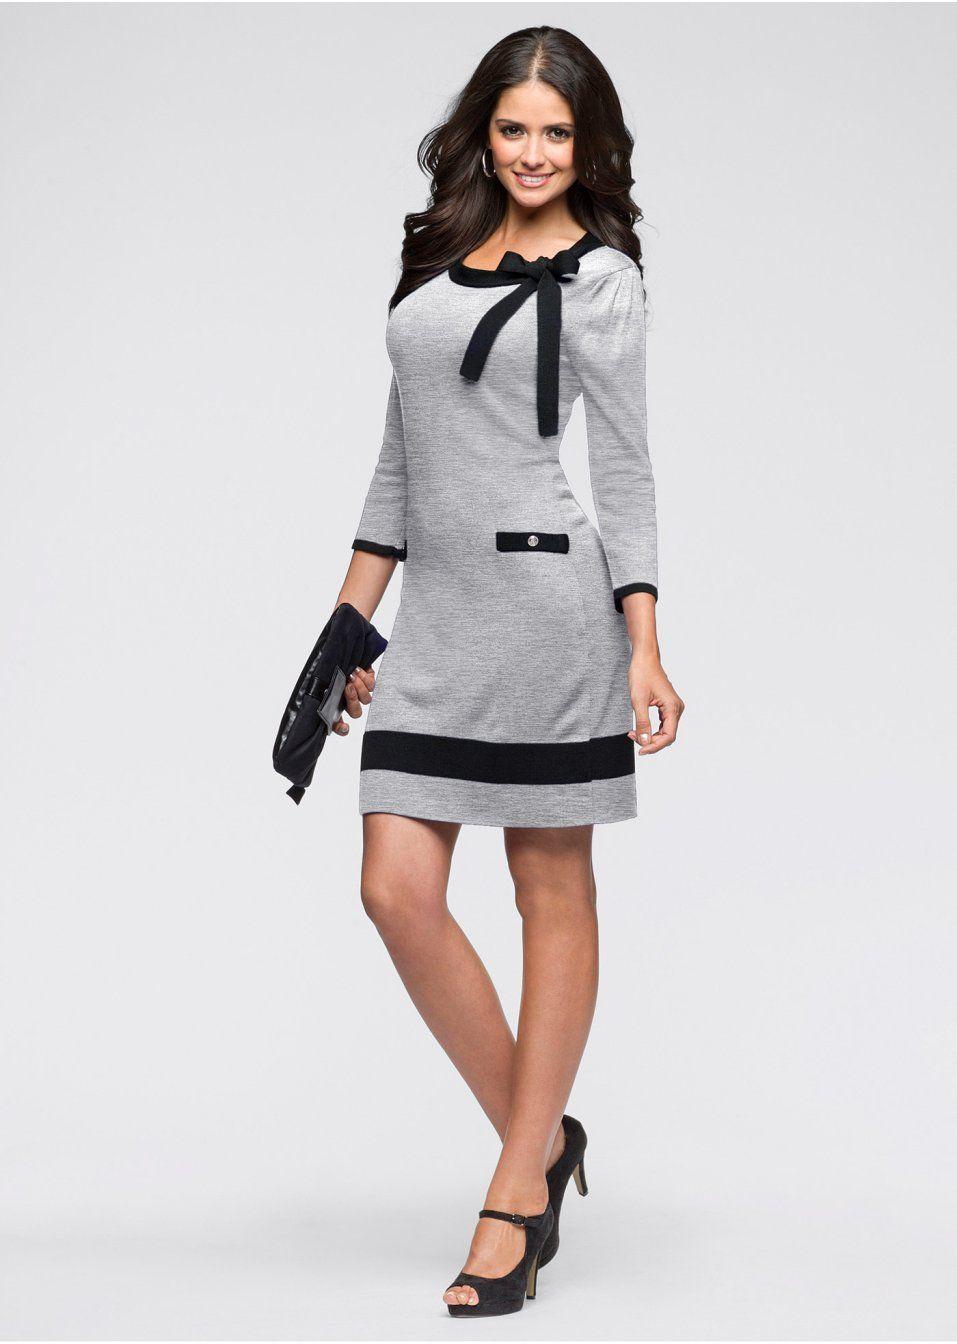 Sukienka dzianinowa  Fashion, Autumn fashion, Mini dress